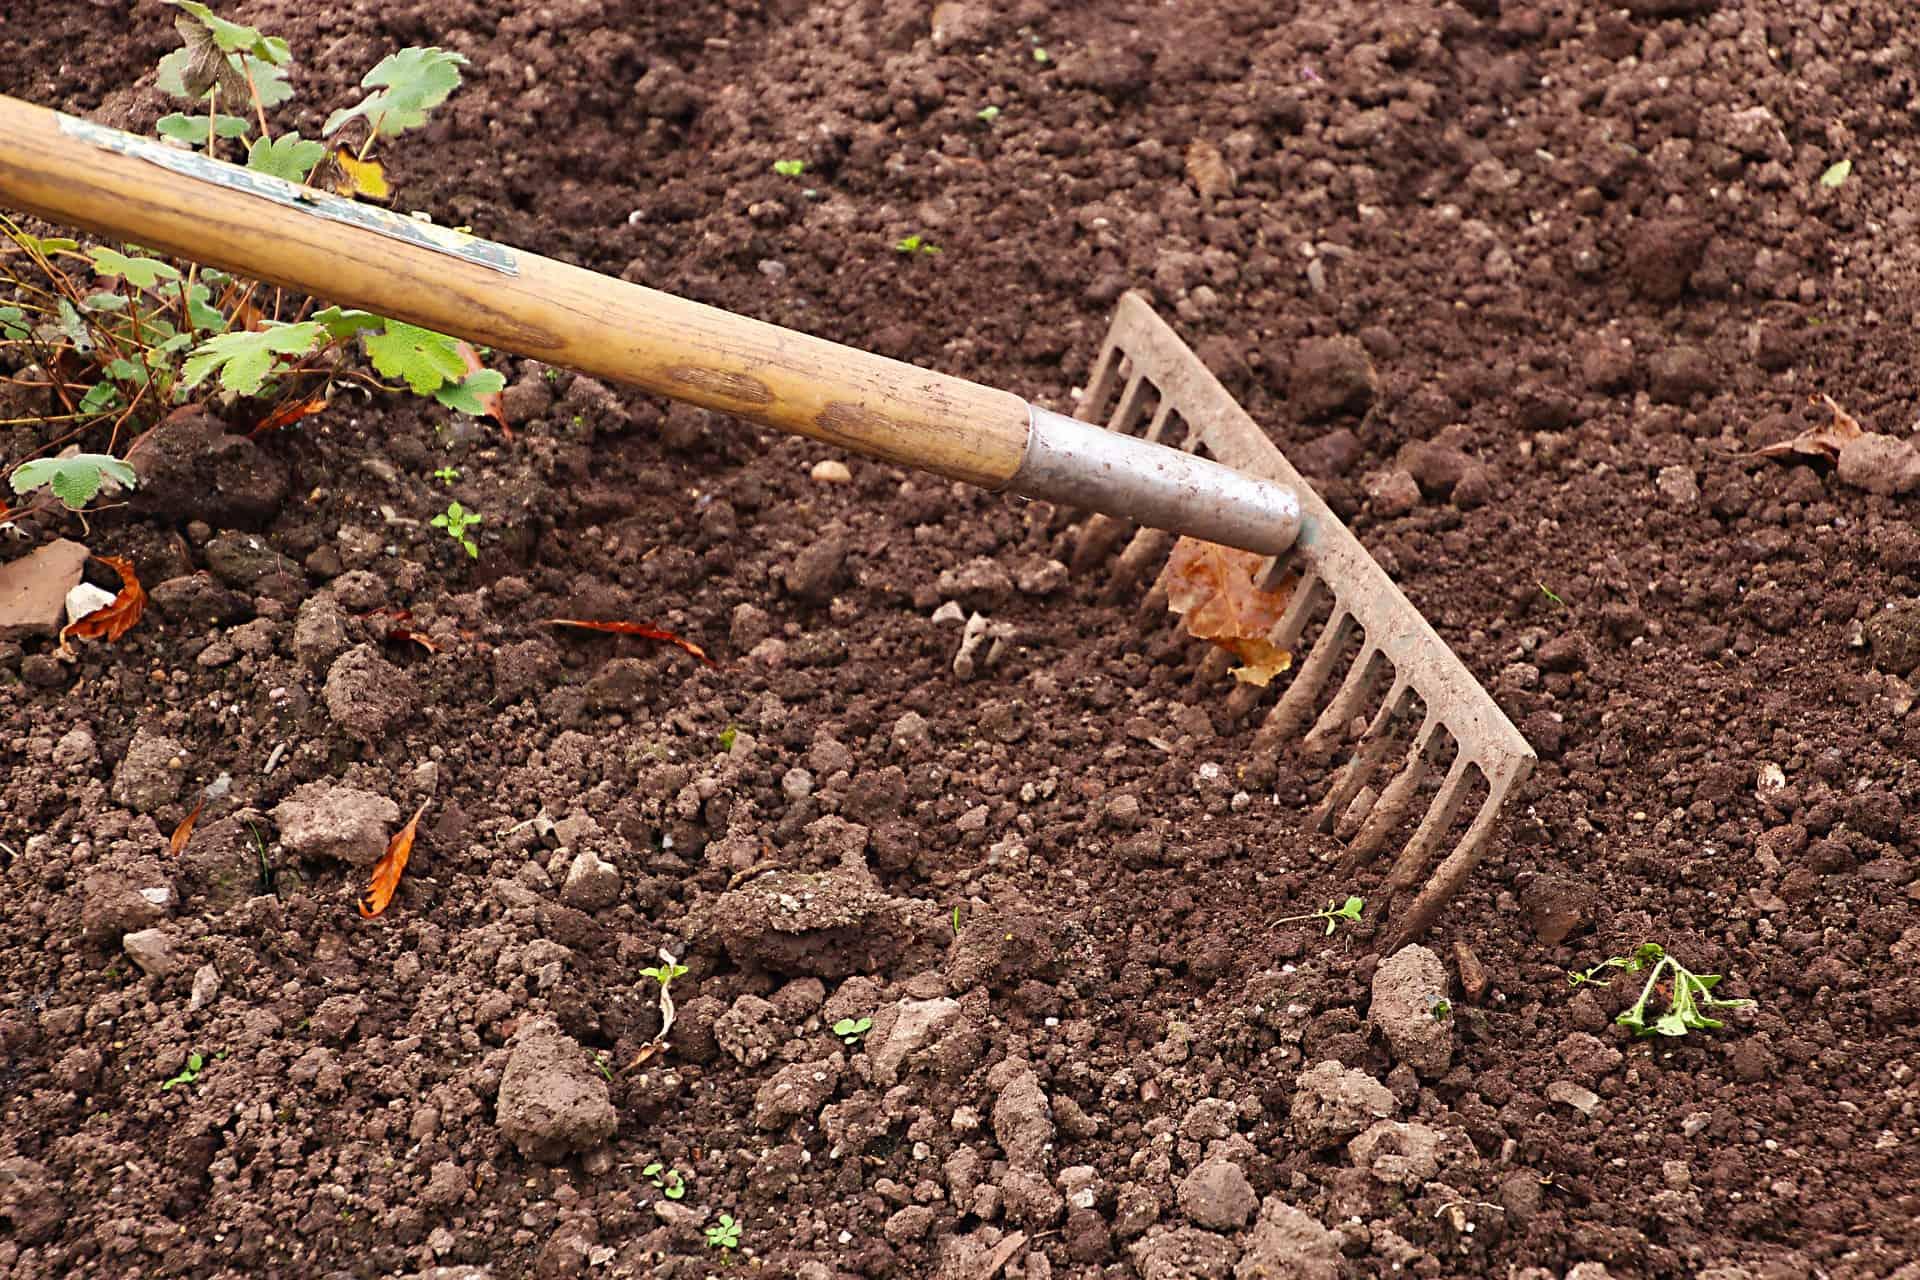 Imagem de um ancinho de grande porte com cabo de madeira preparando o solo para o plantio.